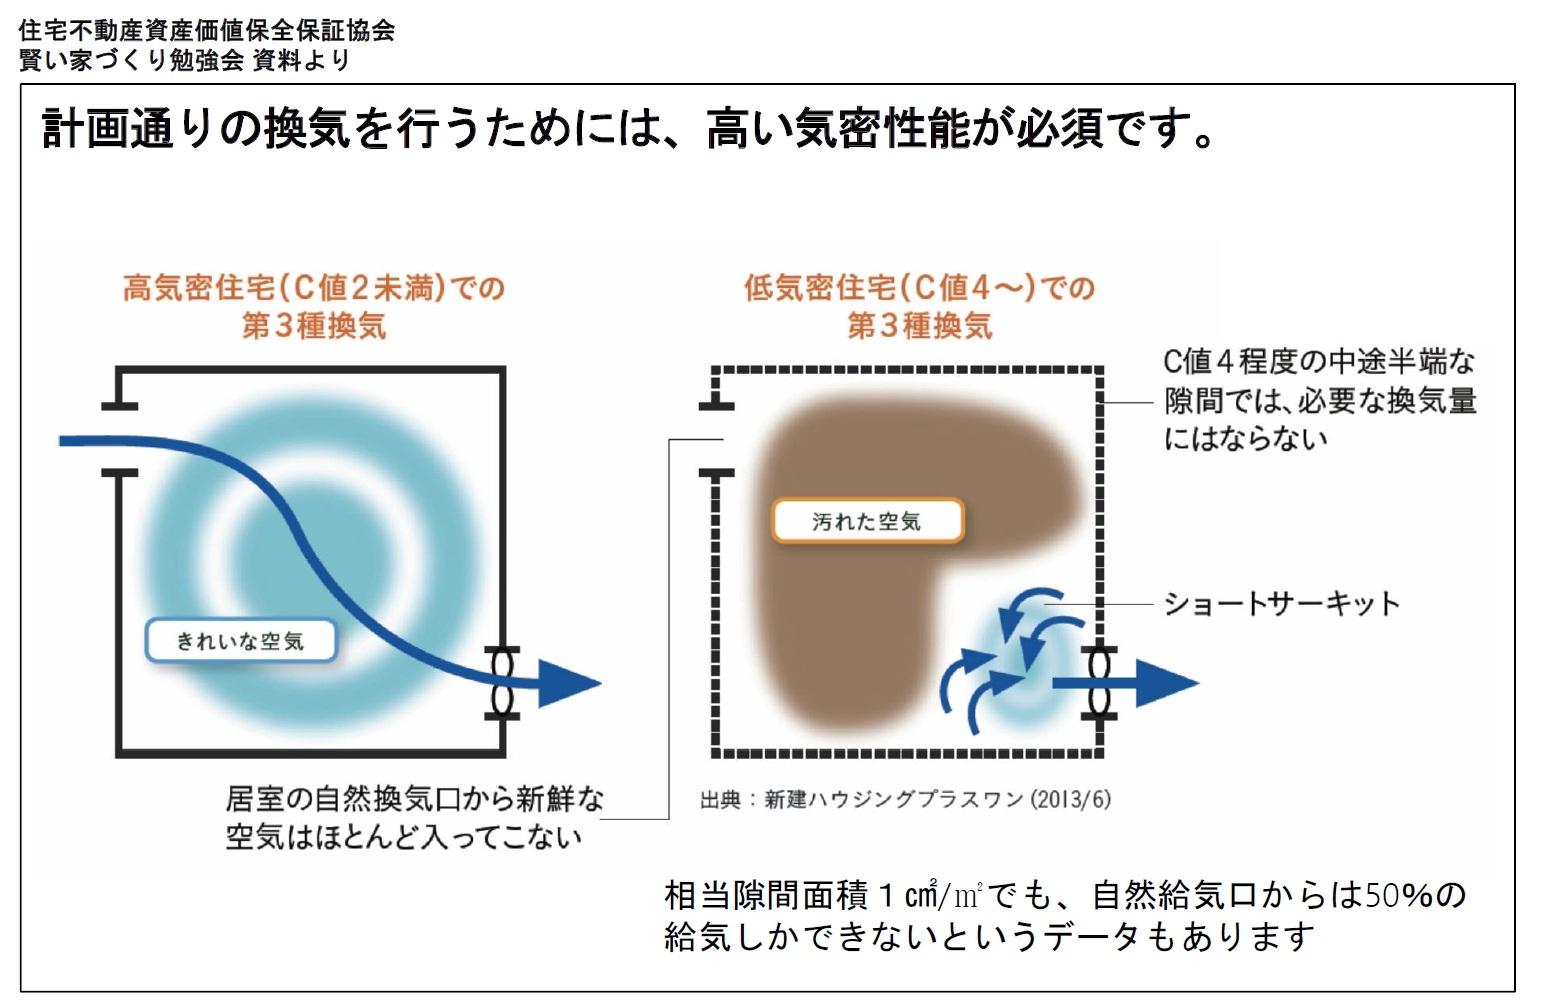 kanki_zukei.jpg